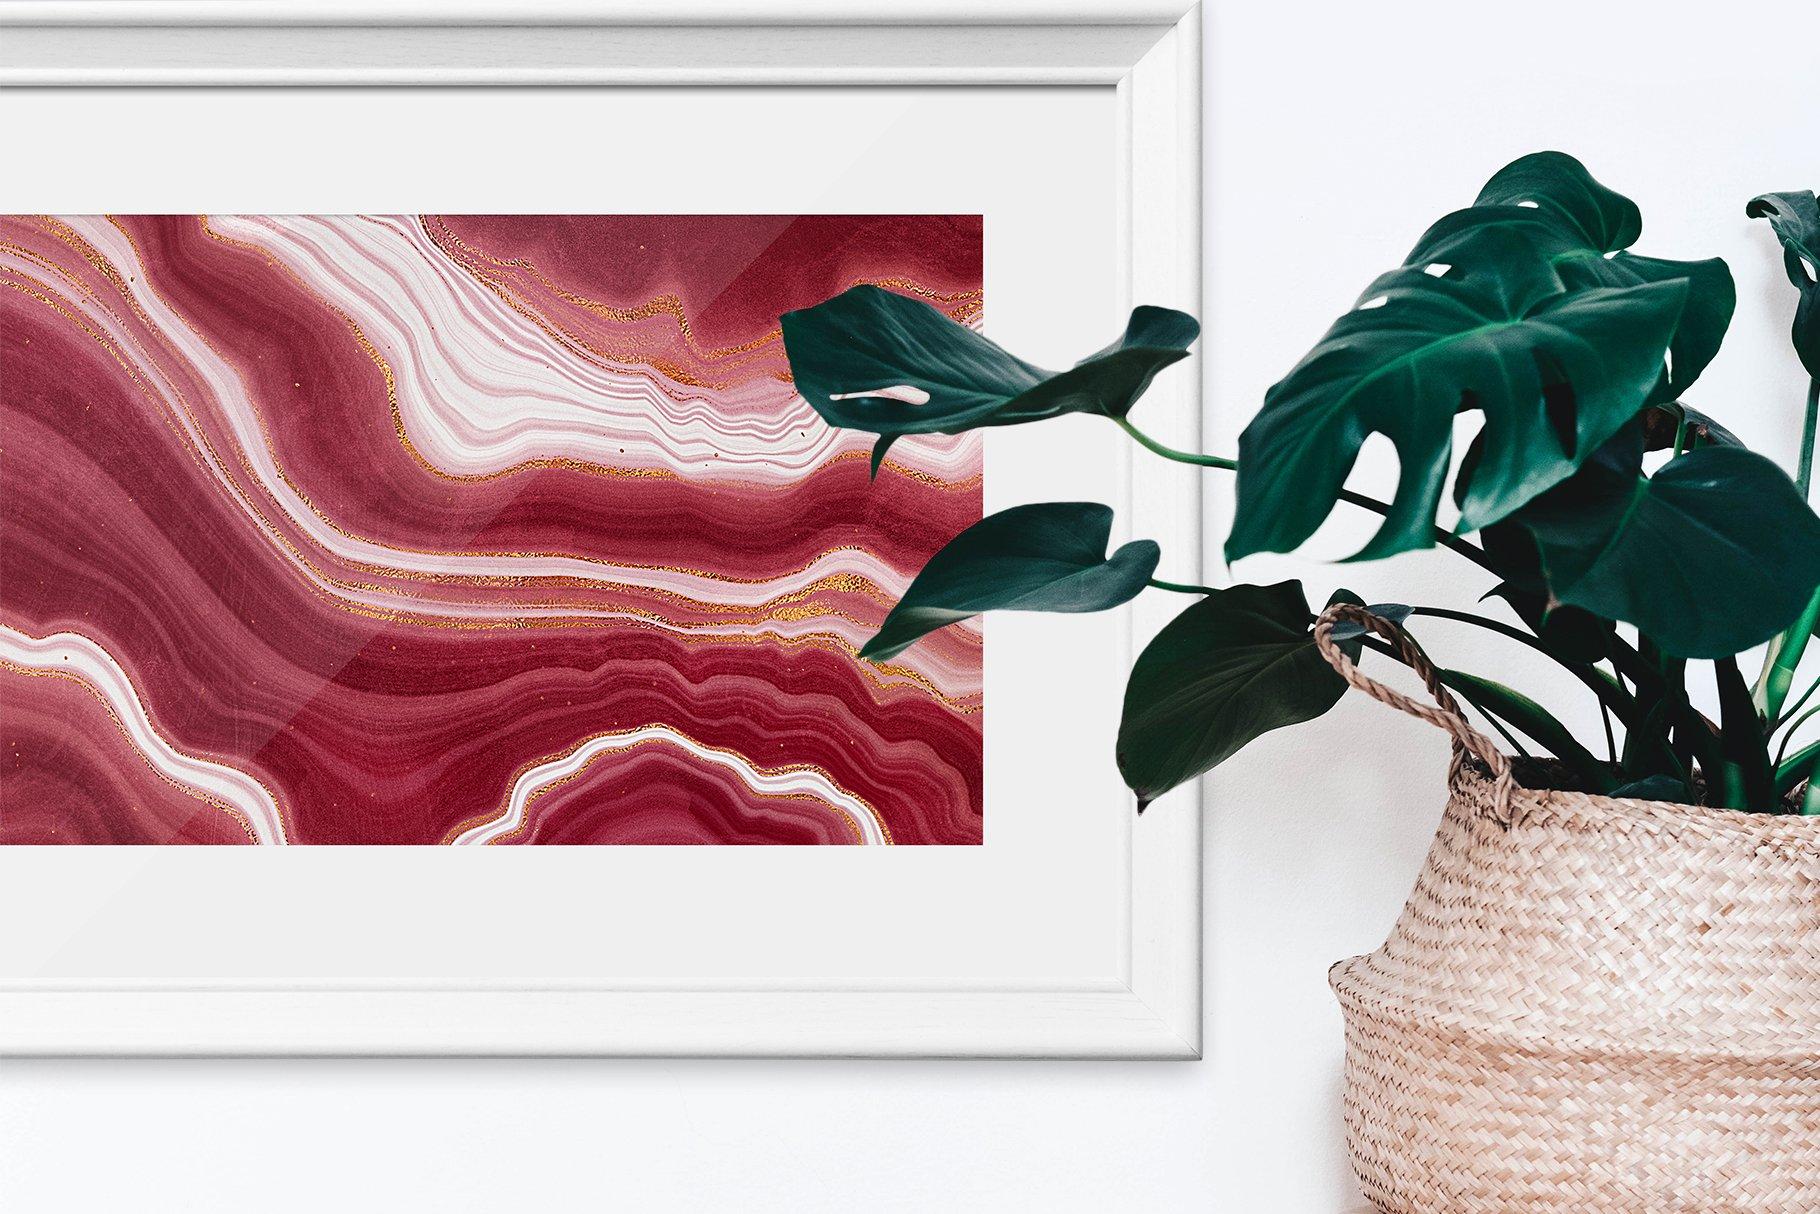 10款抽象奢华红色玛瑙石金箔纸纹理背景图片设计素材 Gold Veined Red Agate Textures插图10